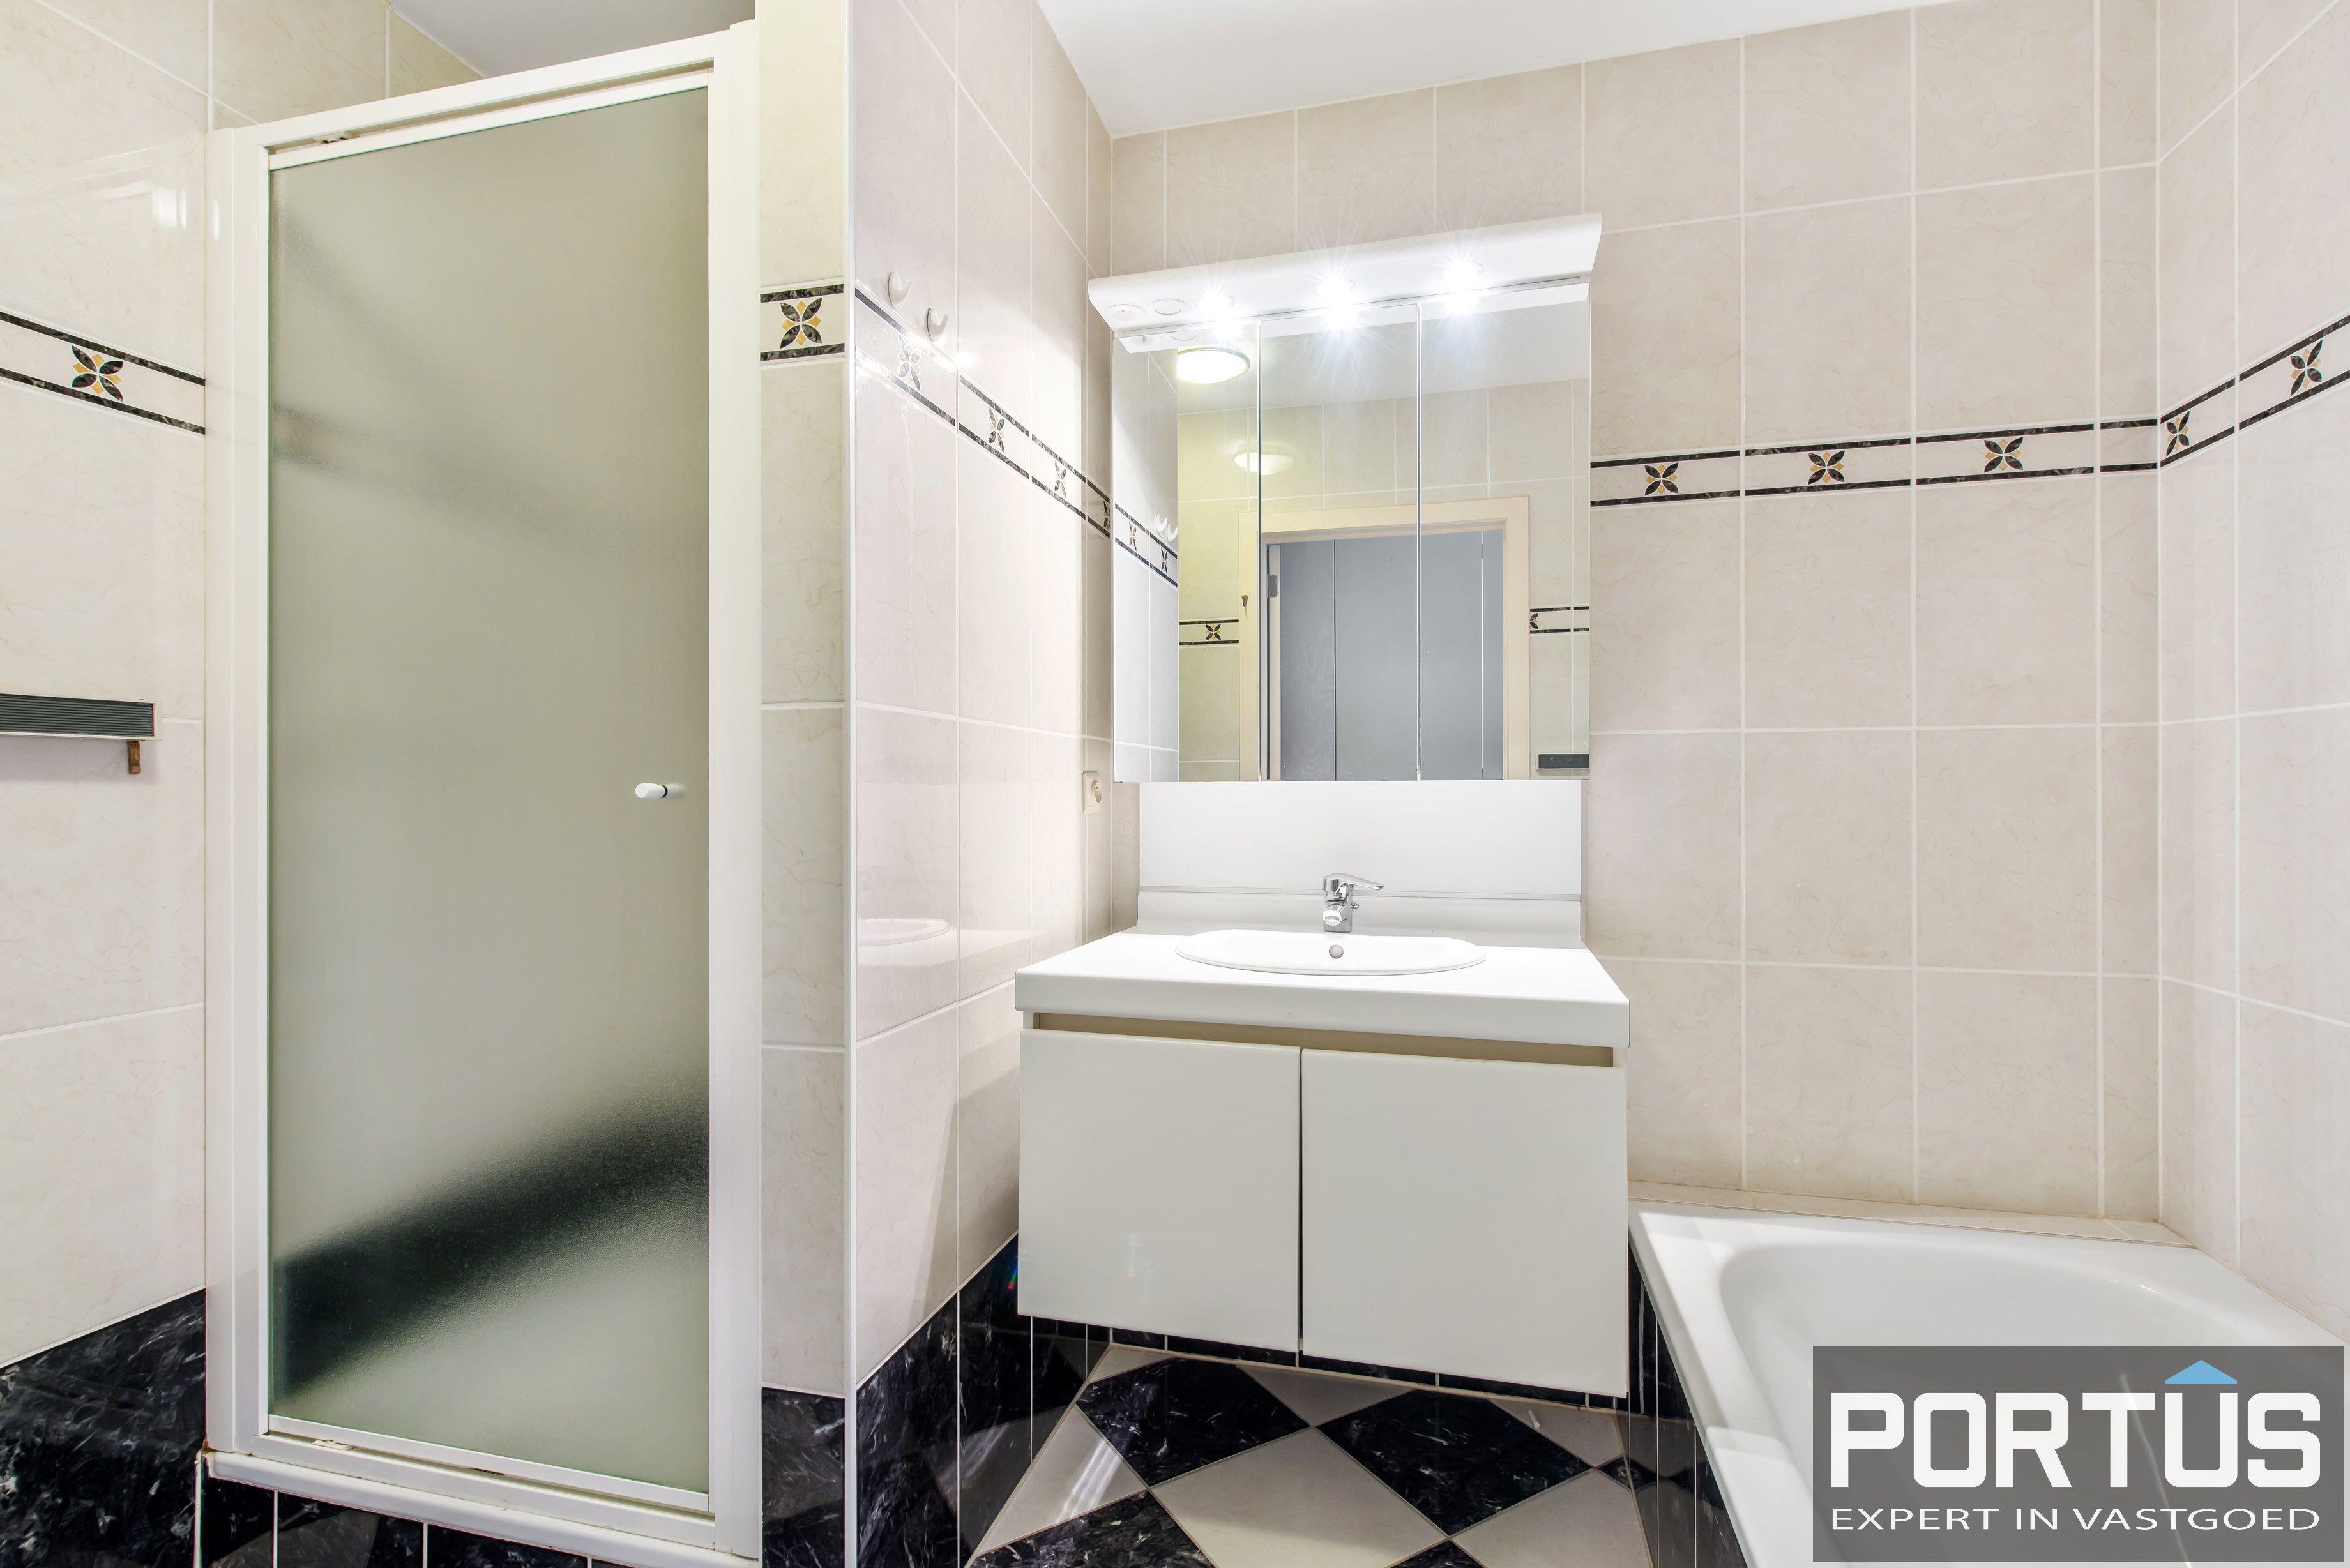 Zongerichte appartement met 2 slaapkamers te koop te Nieuwpoort - 10888